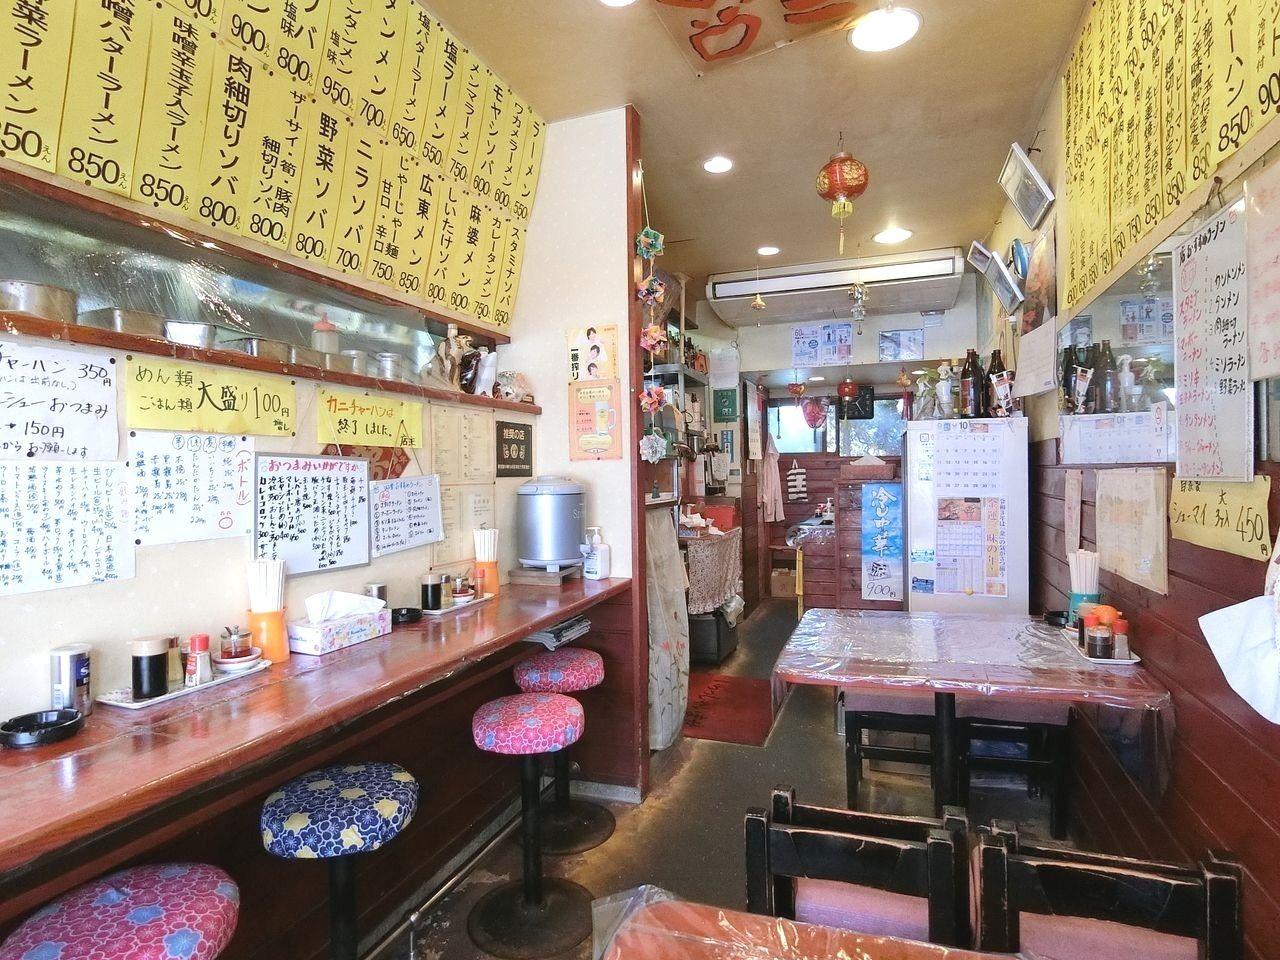 板橋区氷川町の中華料理「四季」